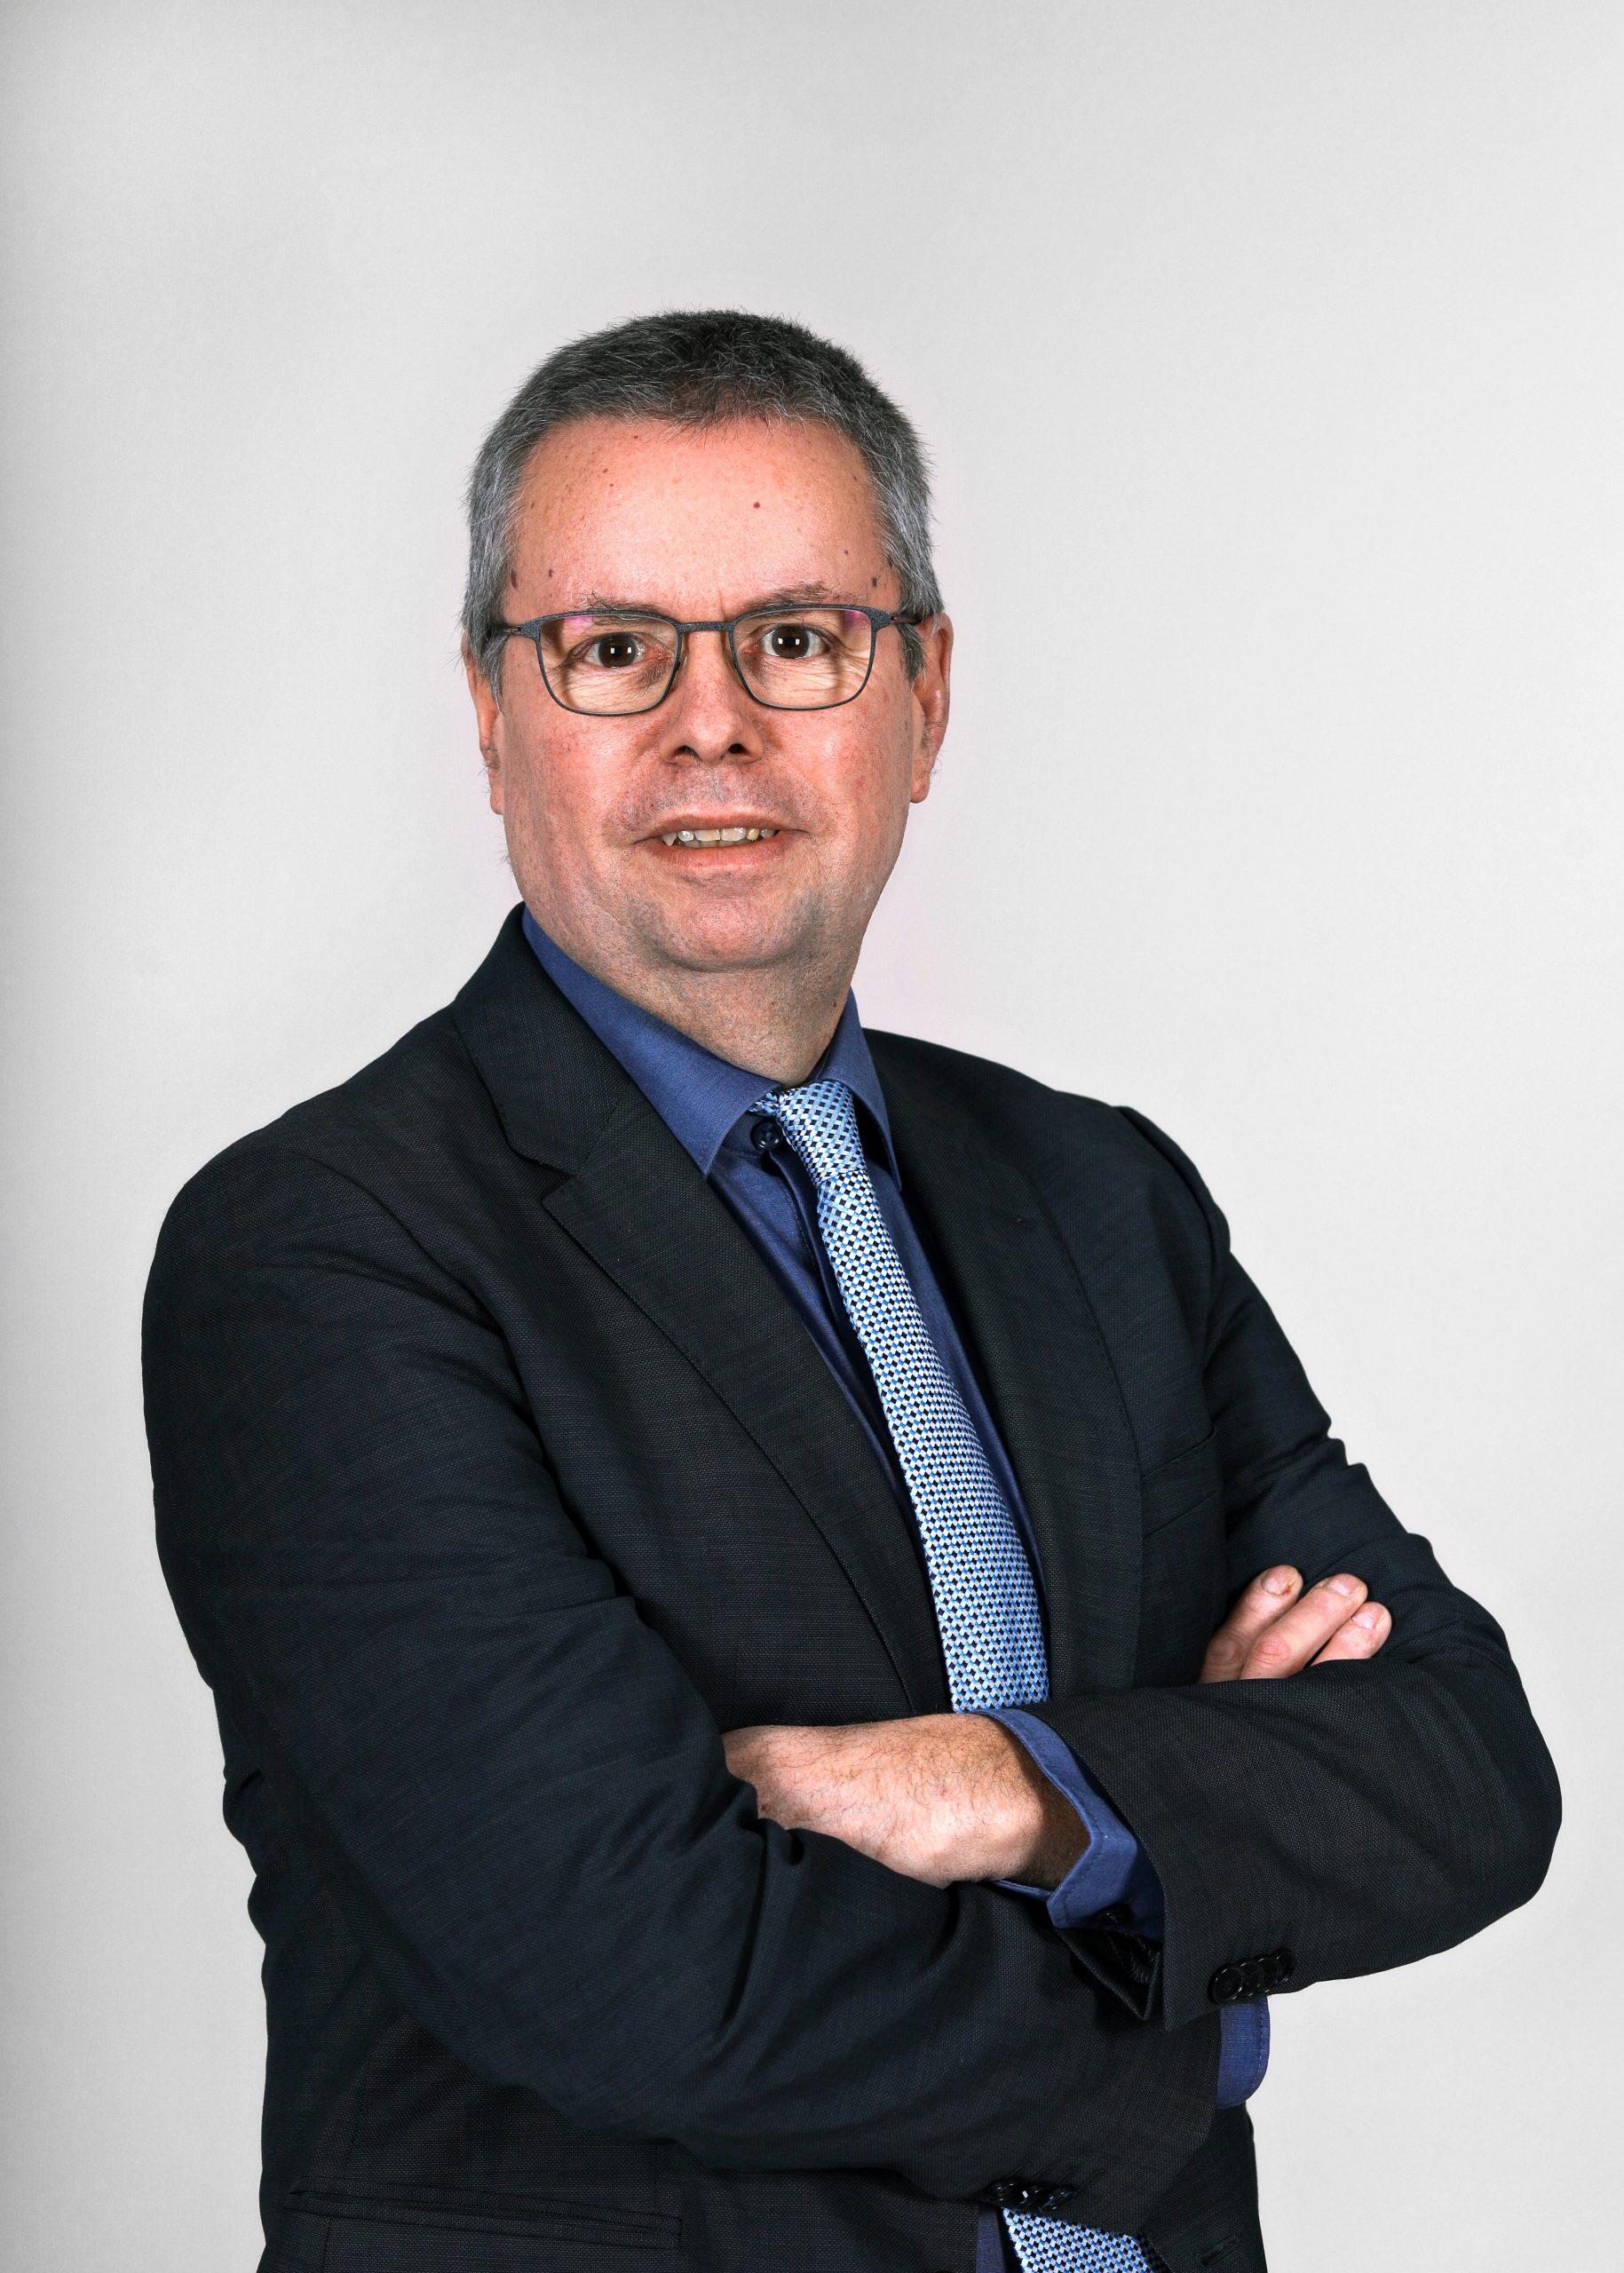 Andreas Dupp